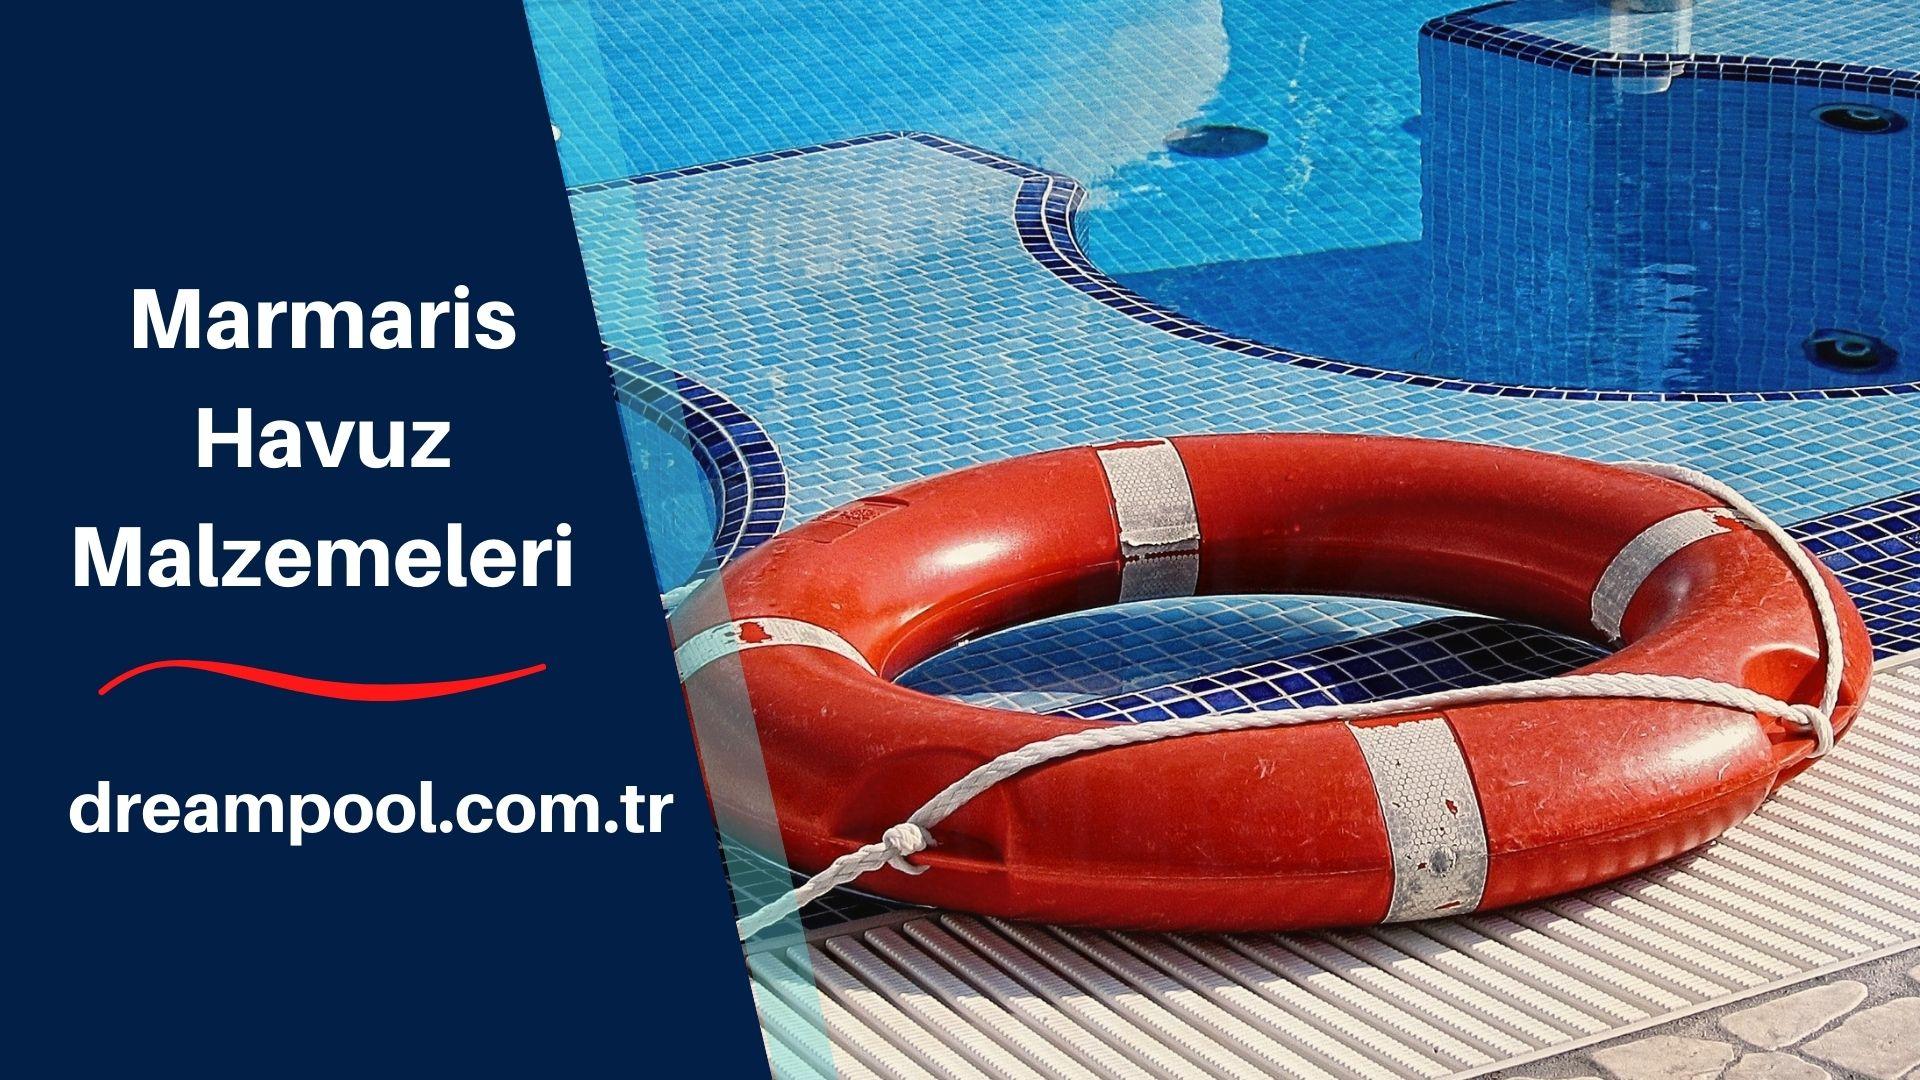 marmaris-havuz-malzemeleri